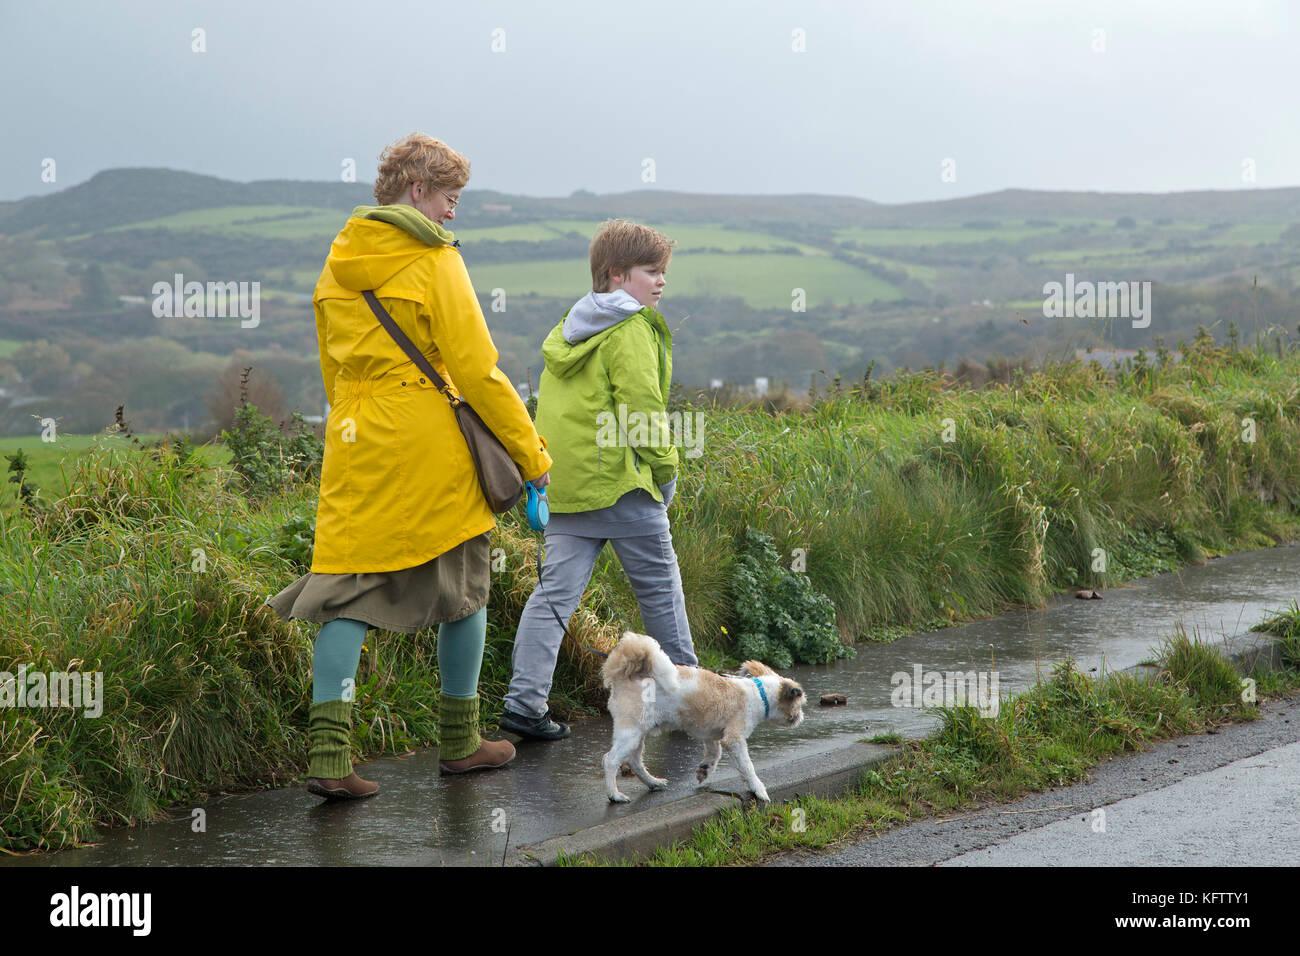 Famiglia cane a piedi, Ballintoy, Co. Antrim, Irlanda del Nord Immagini Stock